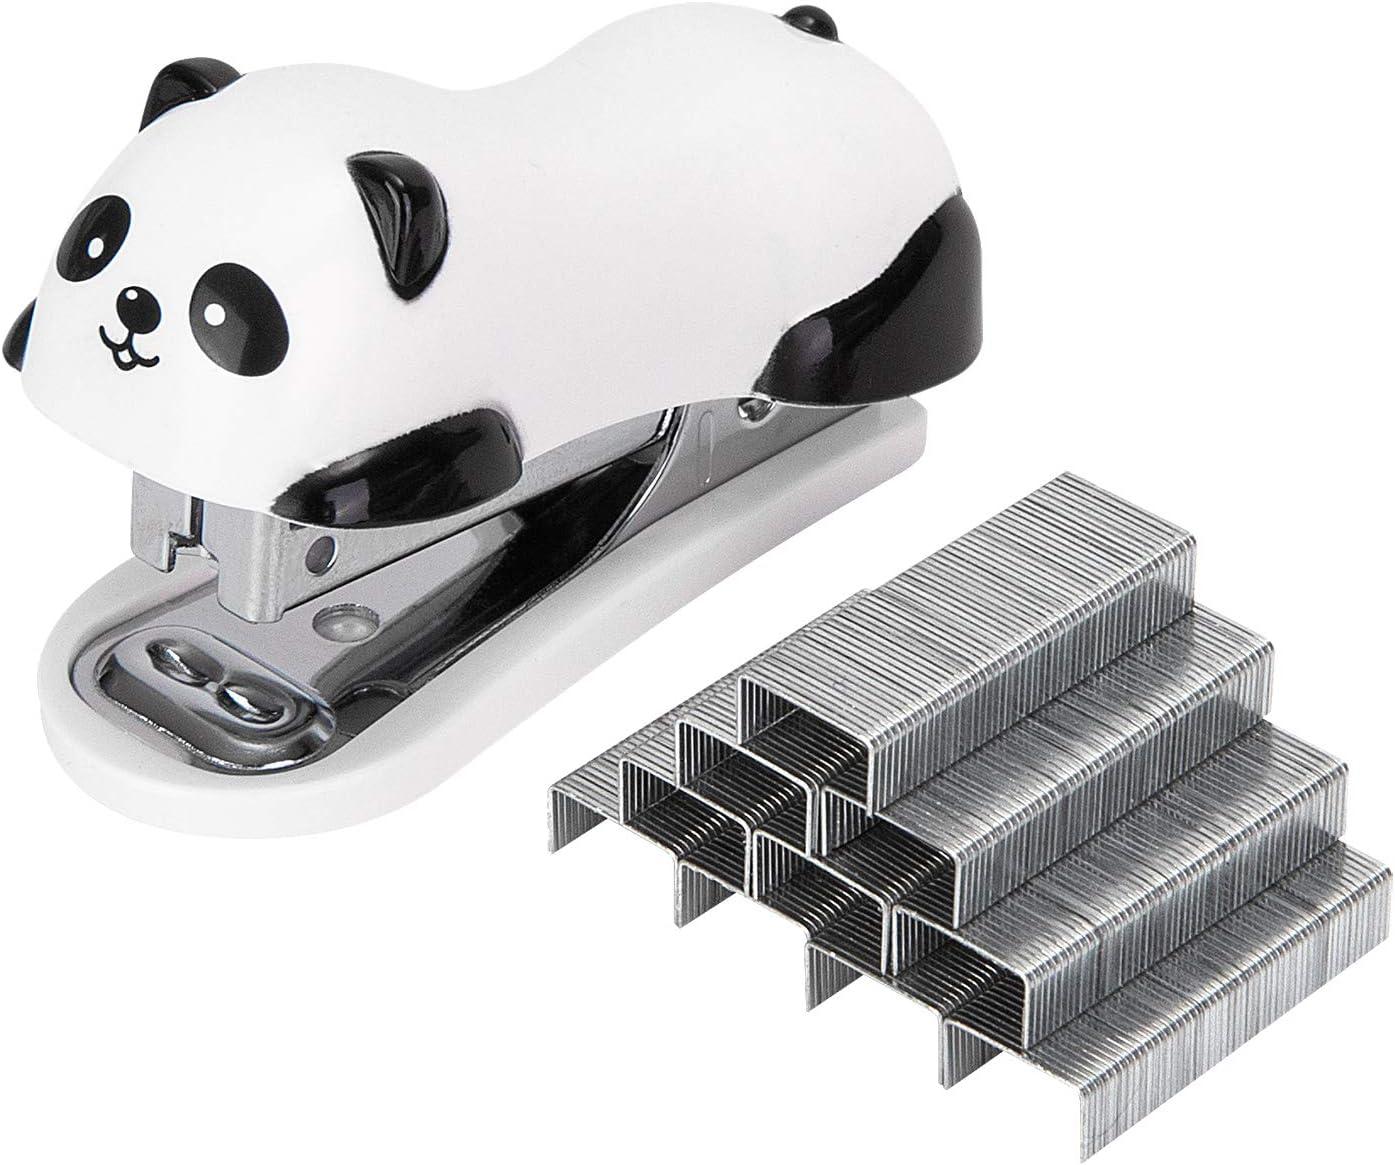 Deli Mini Cute Panda Desktop Stapler, Office Stapler, 12 Sheet Capacity, Includes Built-in Staple Remover & 1000PCS No.10 Staples